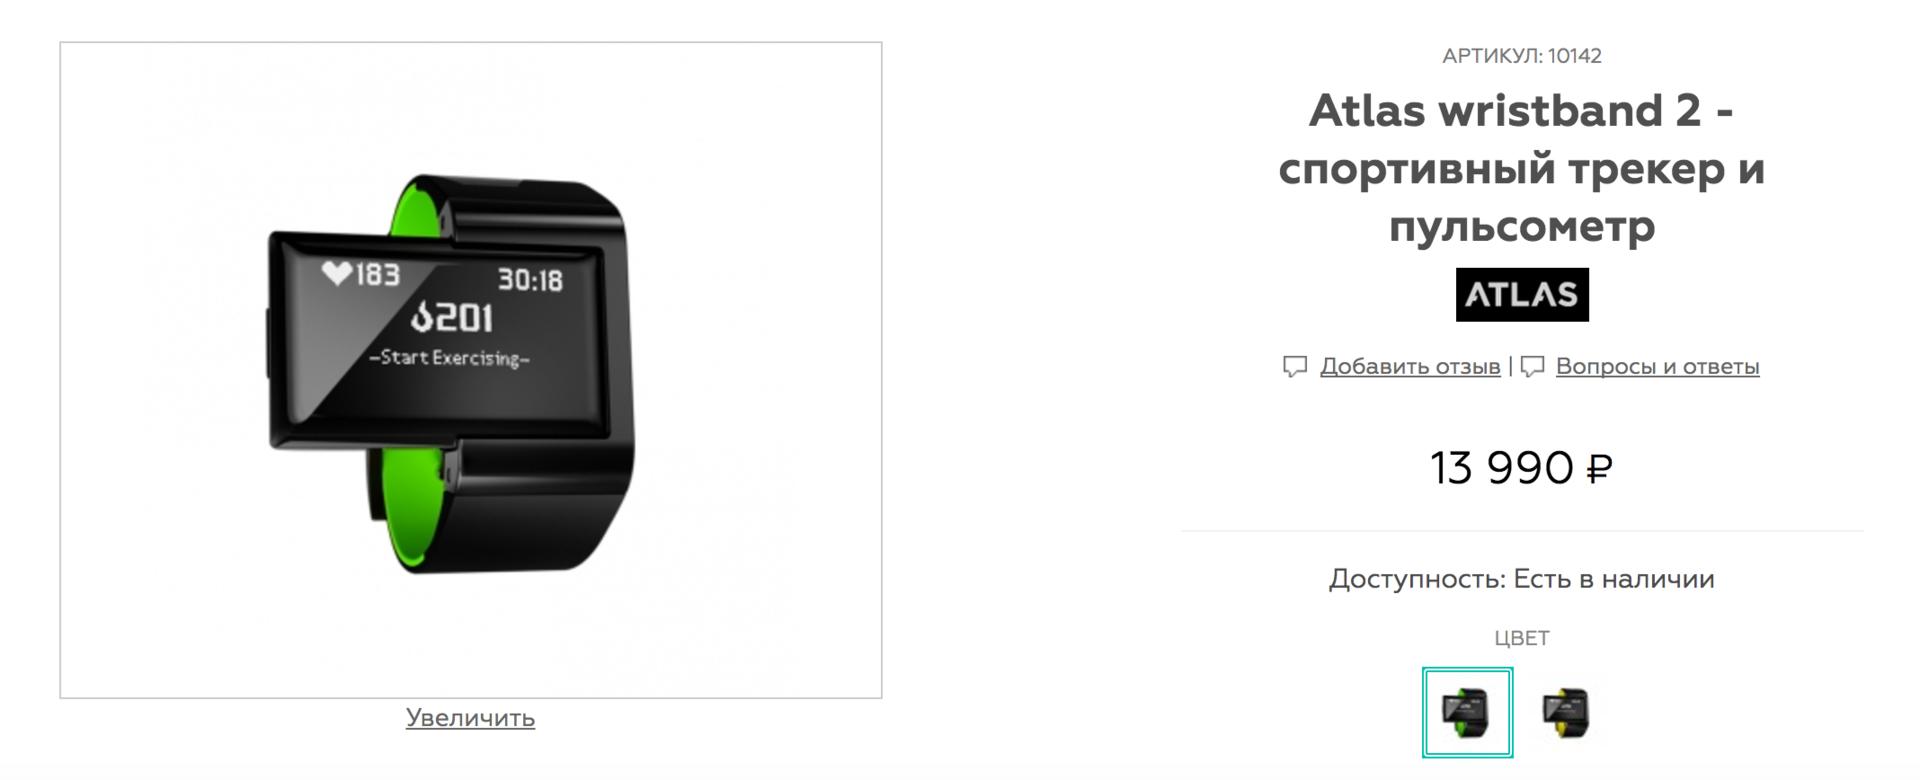 Почему правило «я куплю это в 10 раз дешевле на Aliexpress» не работает, и вы проиграете - 16